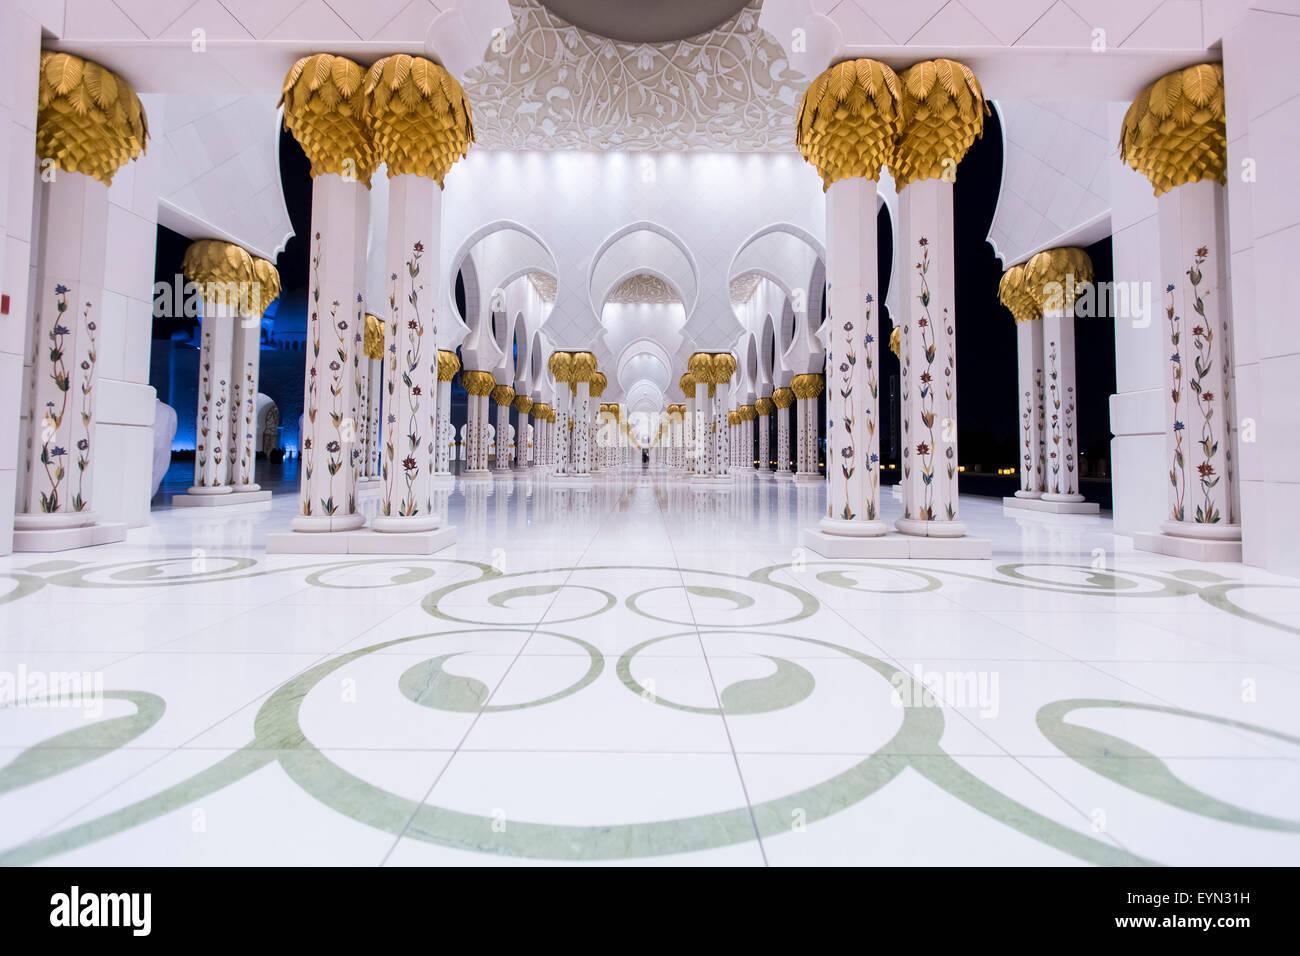 Interno della Moschea Sheikh Zayed di Abu Dhabi. Immagini Stock